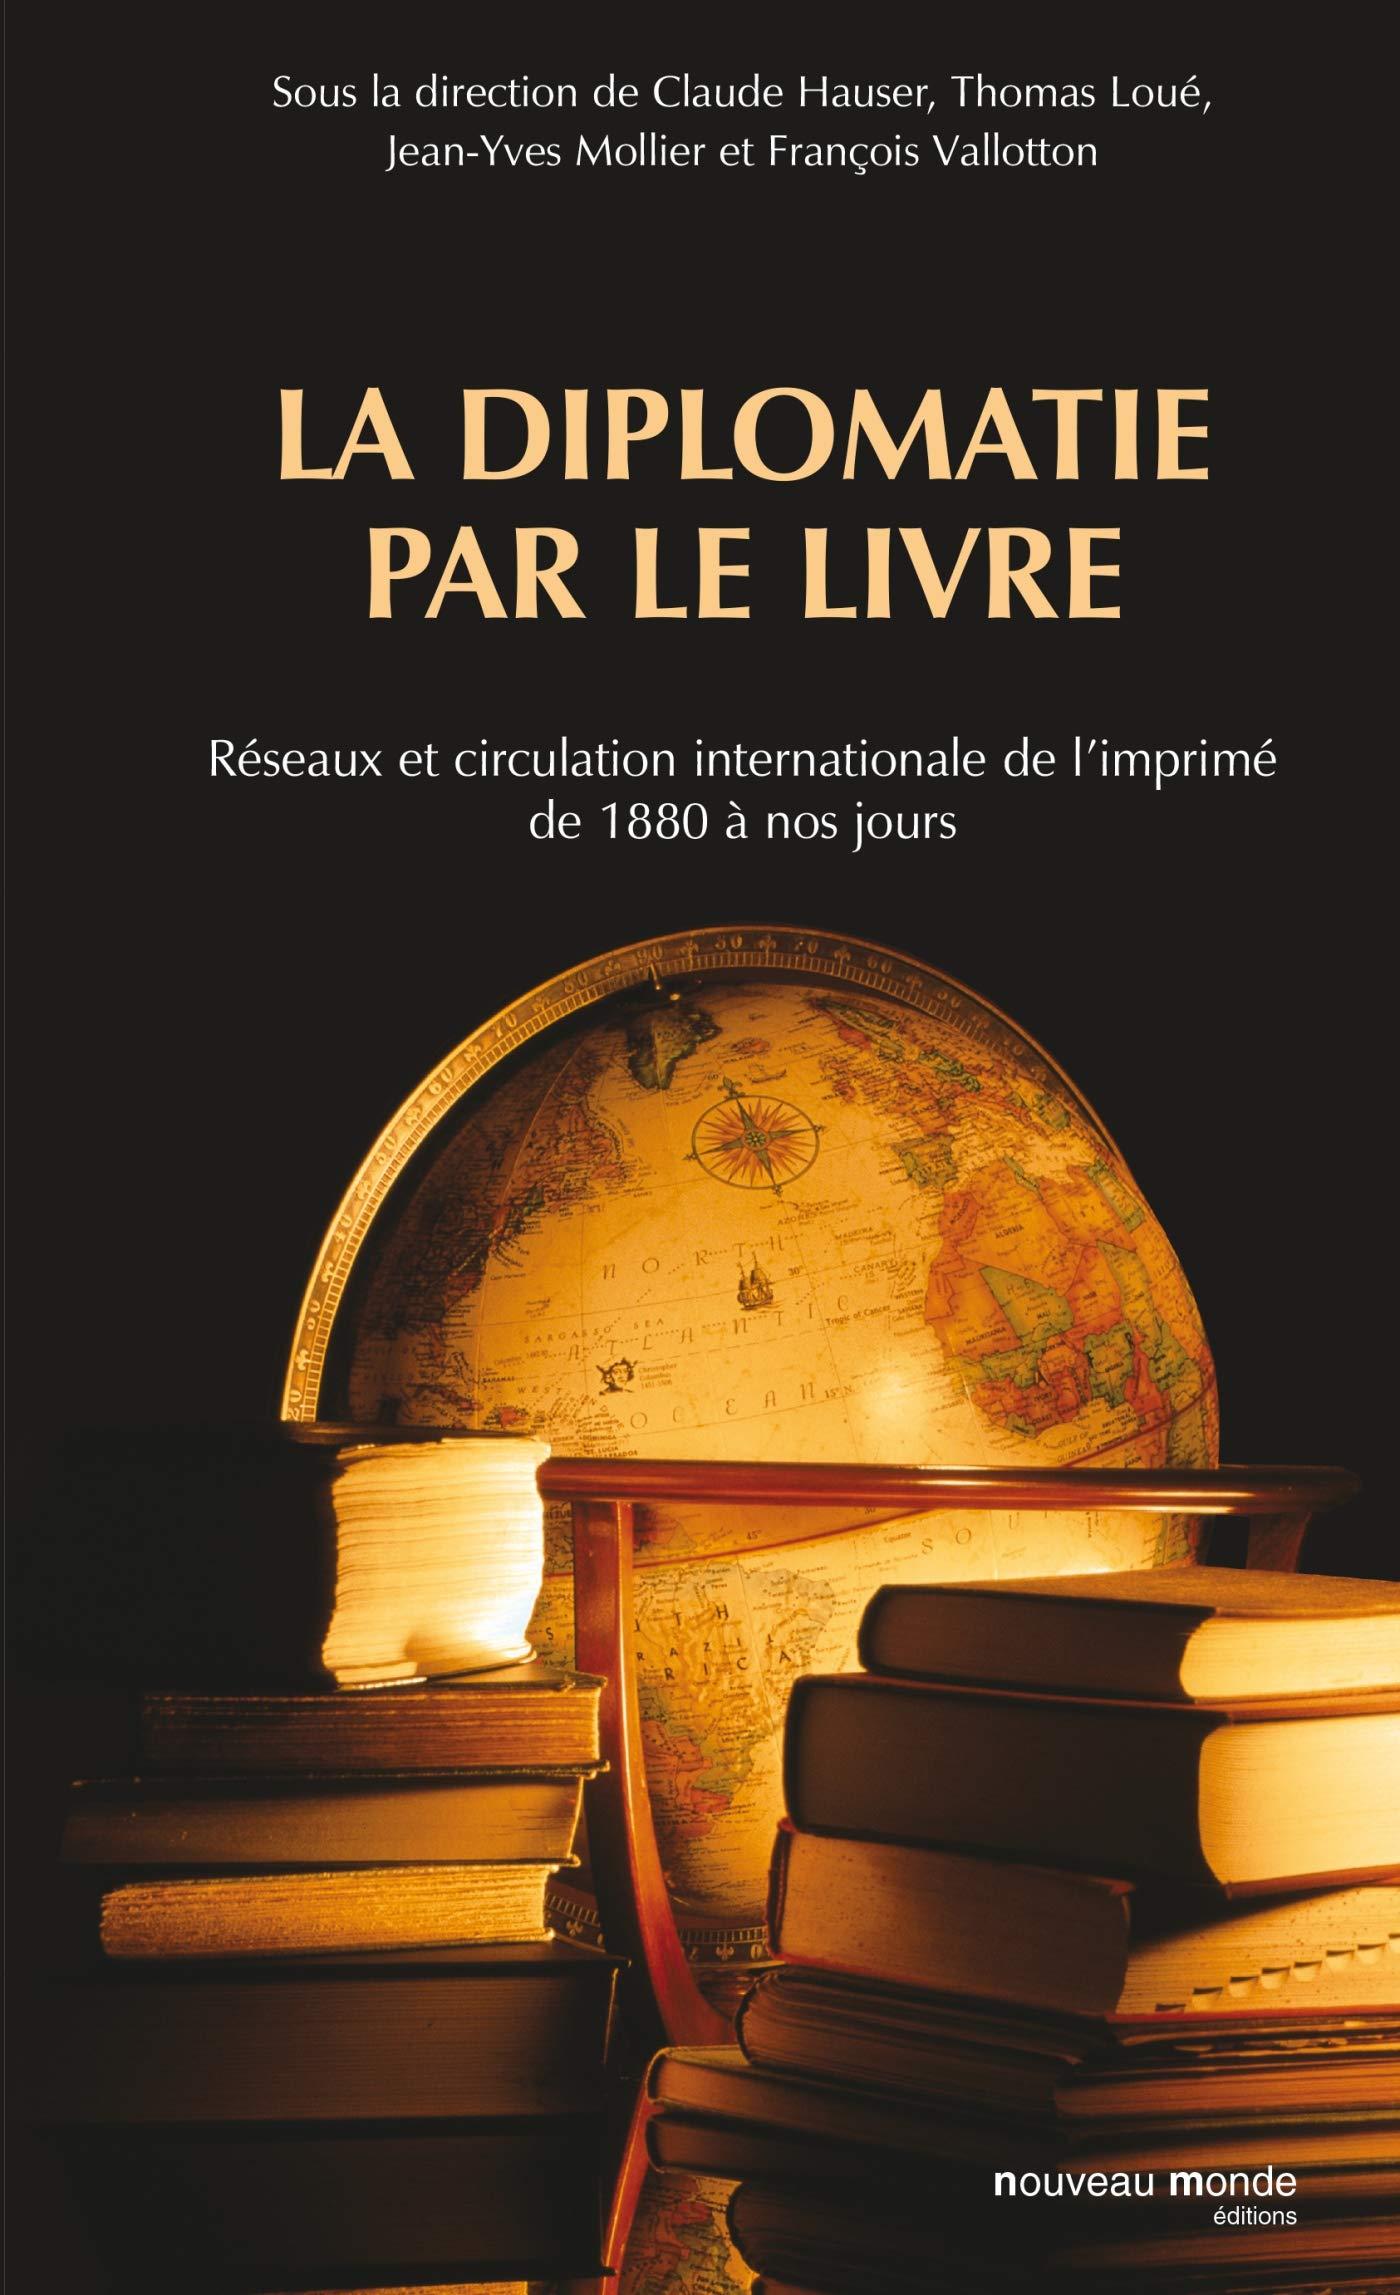 Amazon Fr La Diplomatie Par Le Livre Reseaux Et Circulation Internationale De L Imprime De 1880 A Nos Jours Collectif Livres